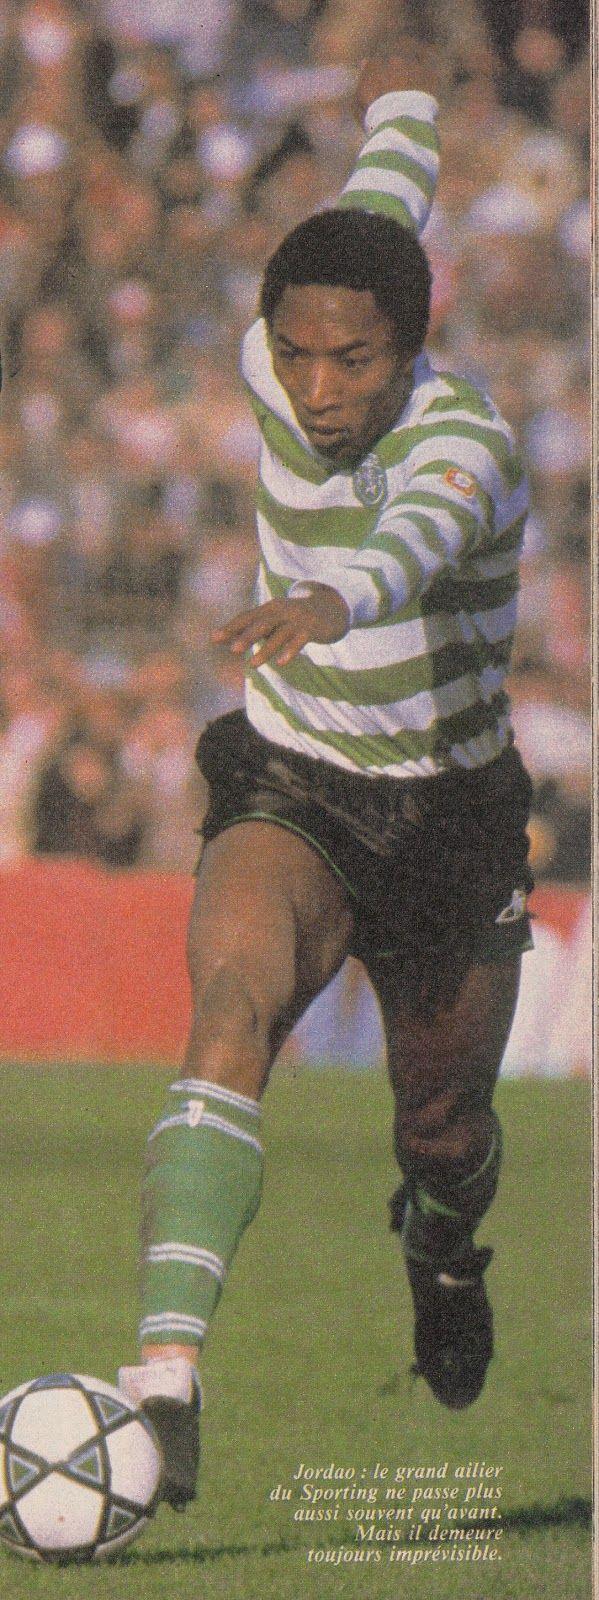 Rui Jordao 1982-83 season